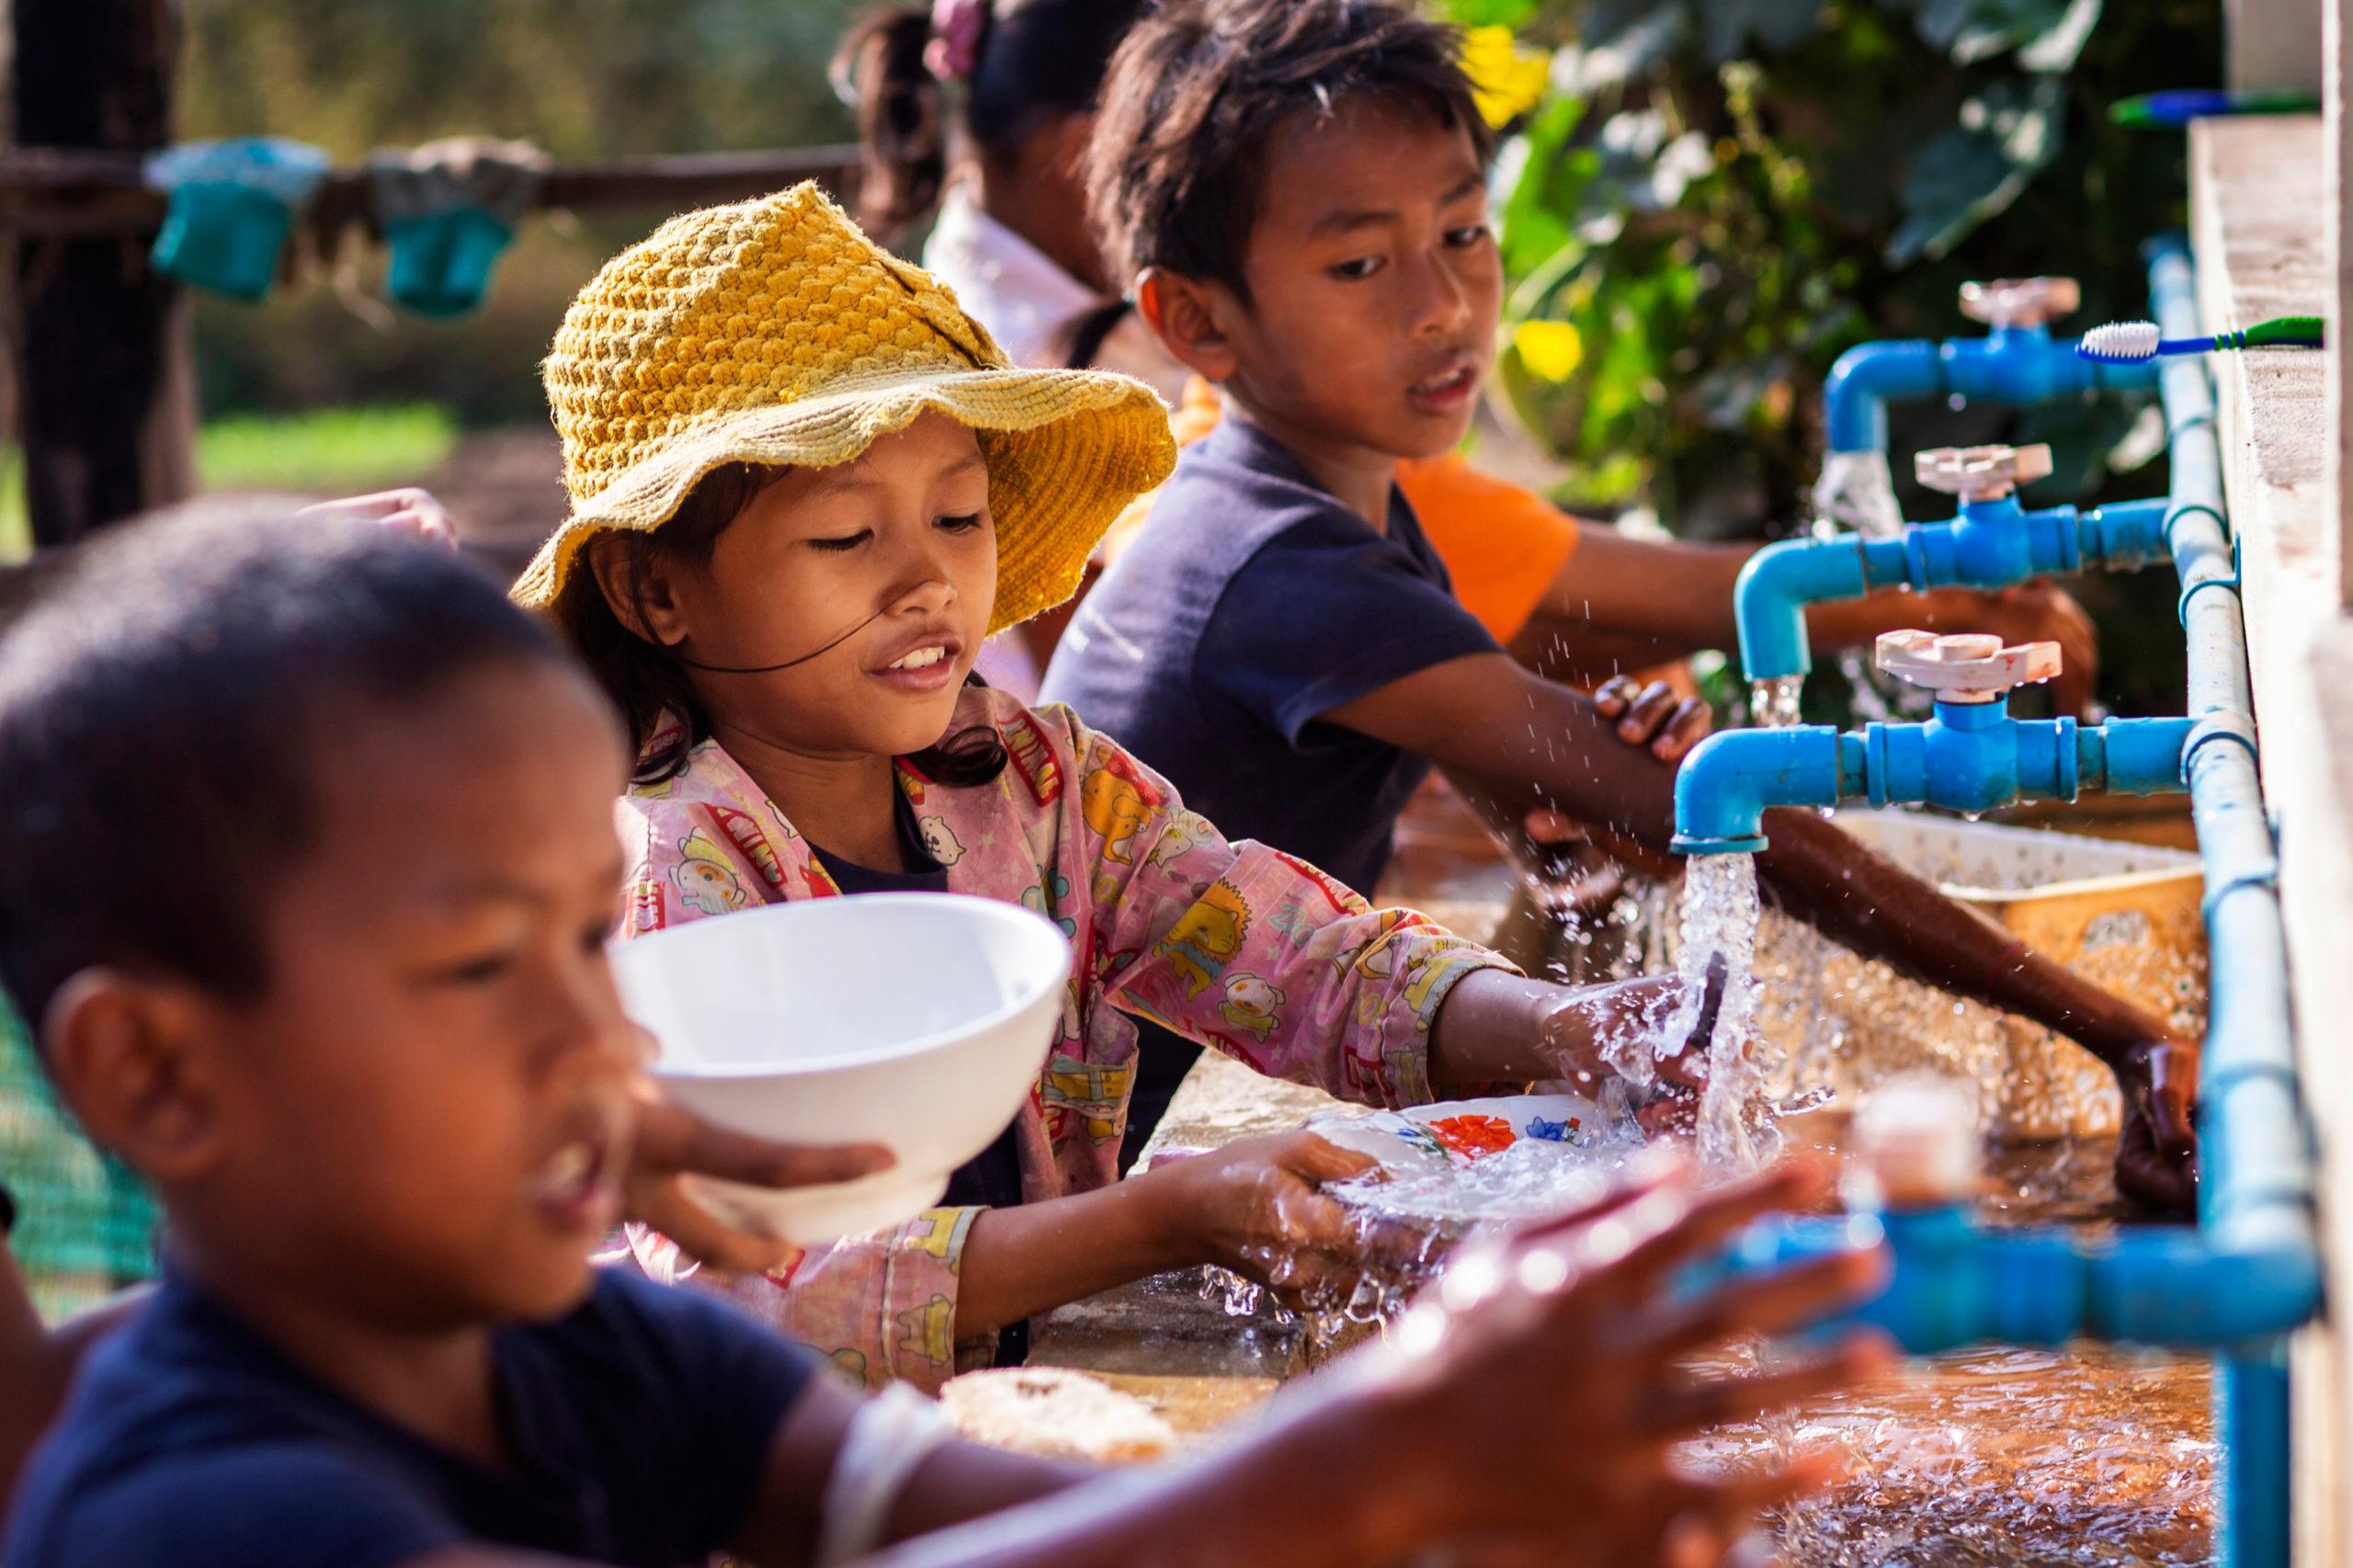 Several children washing bowls together